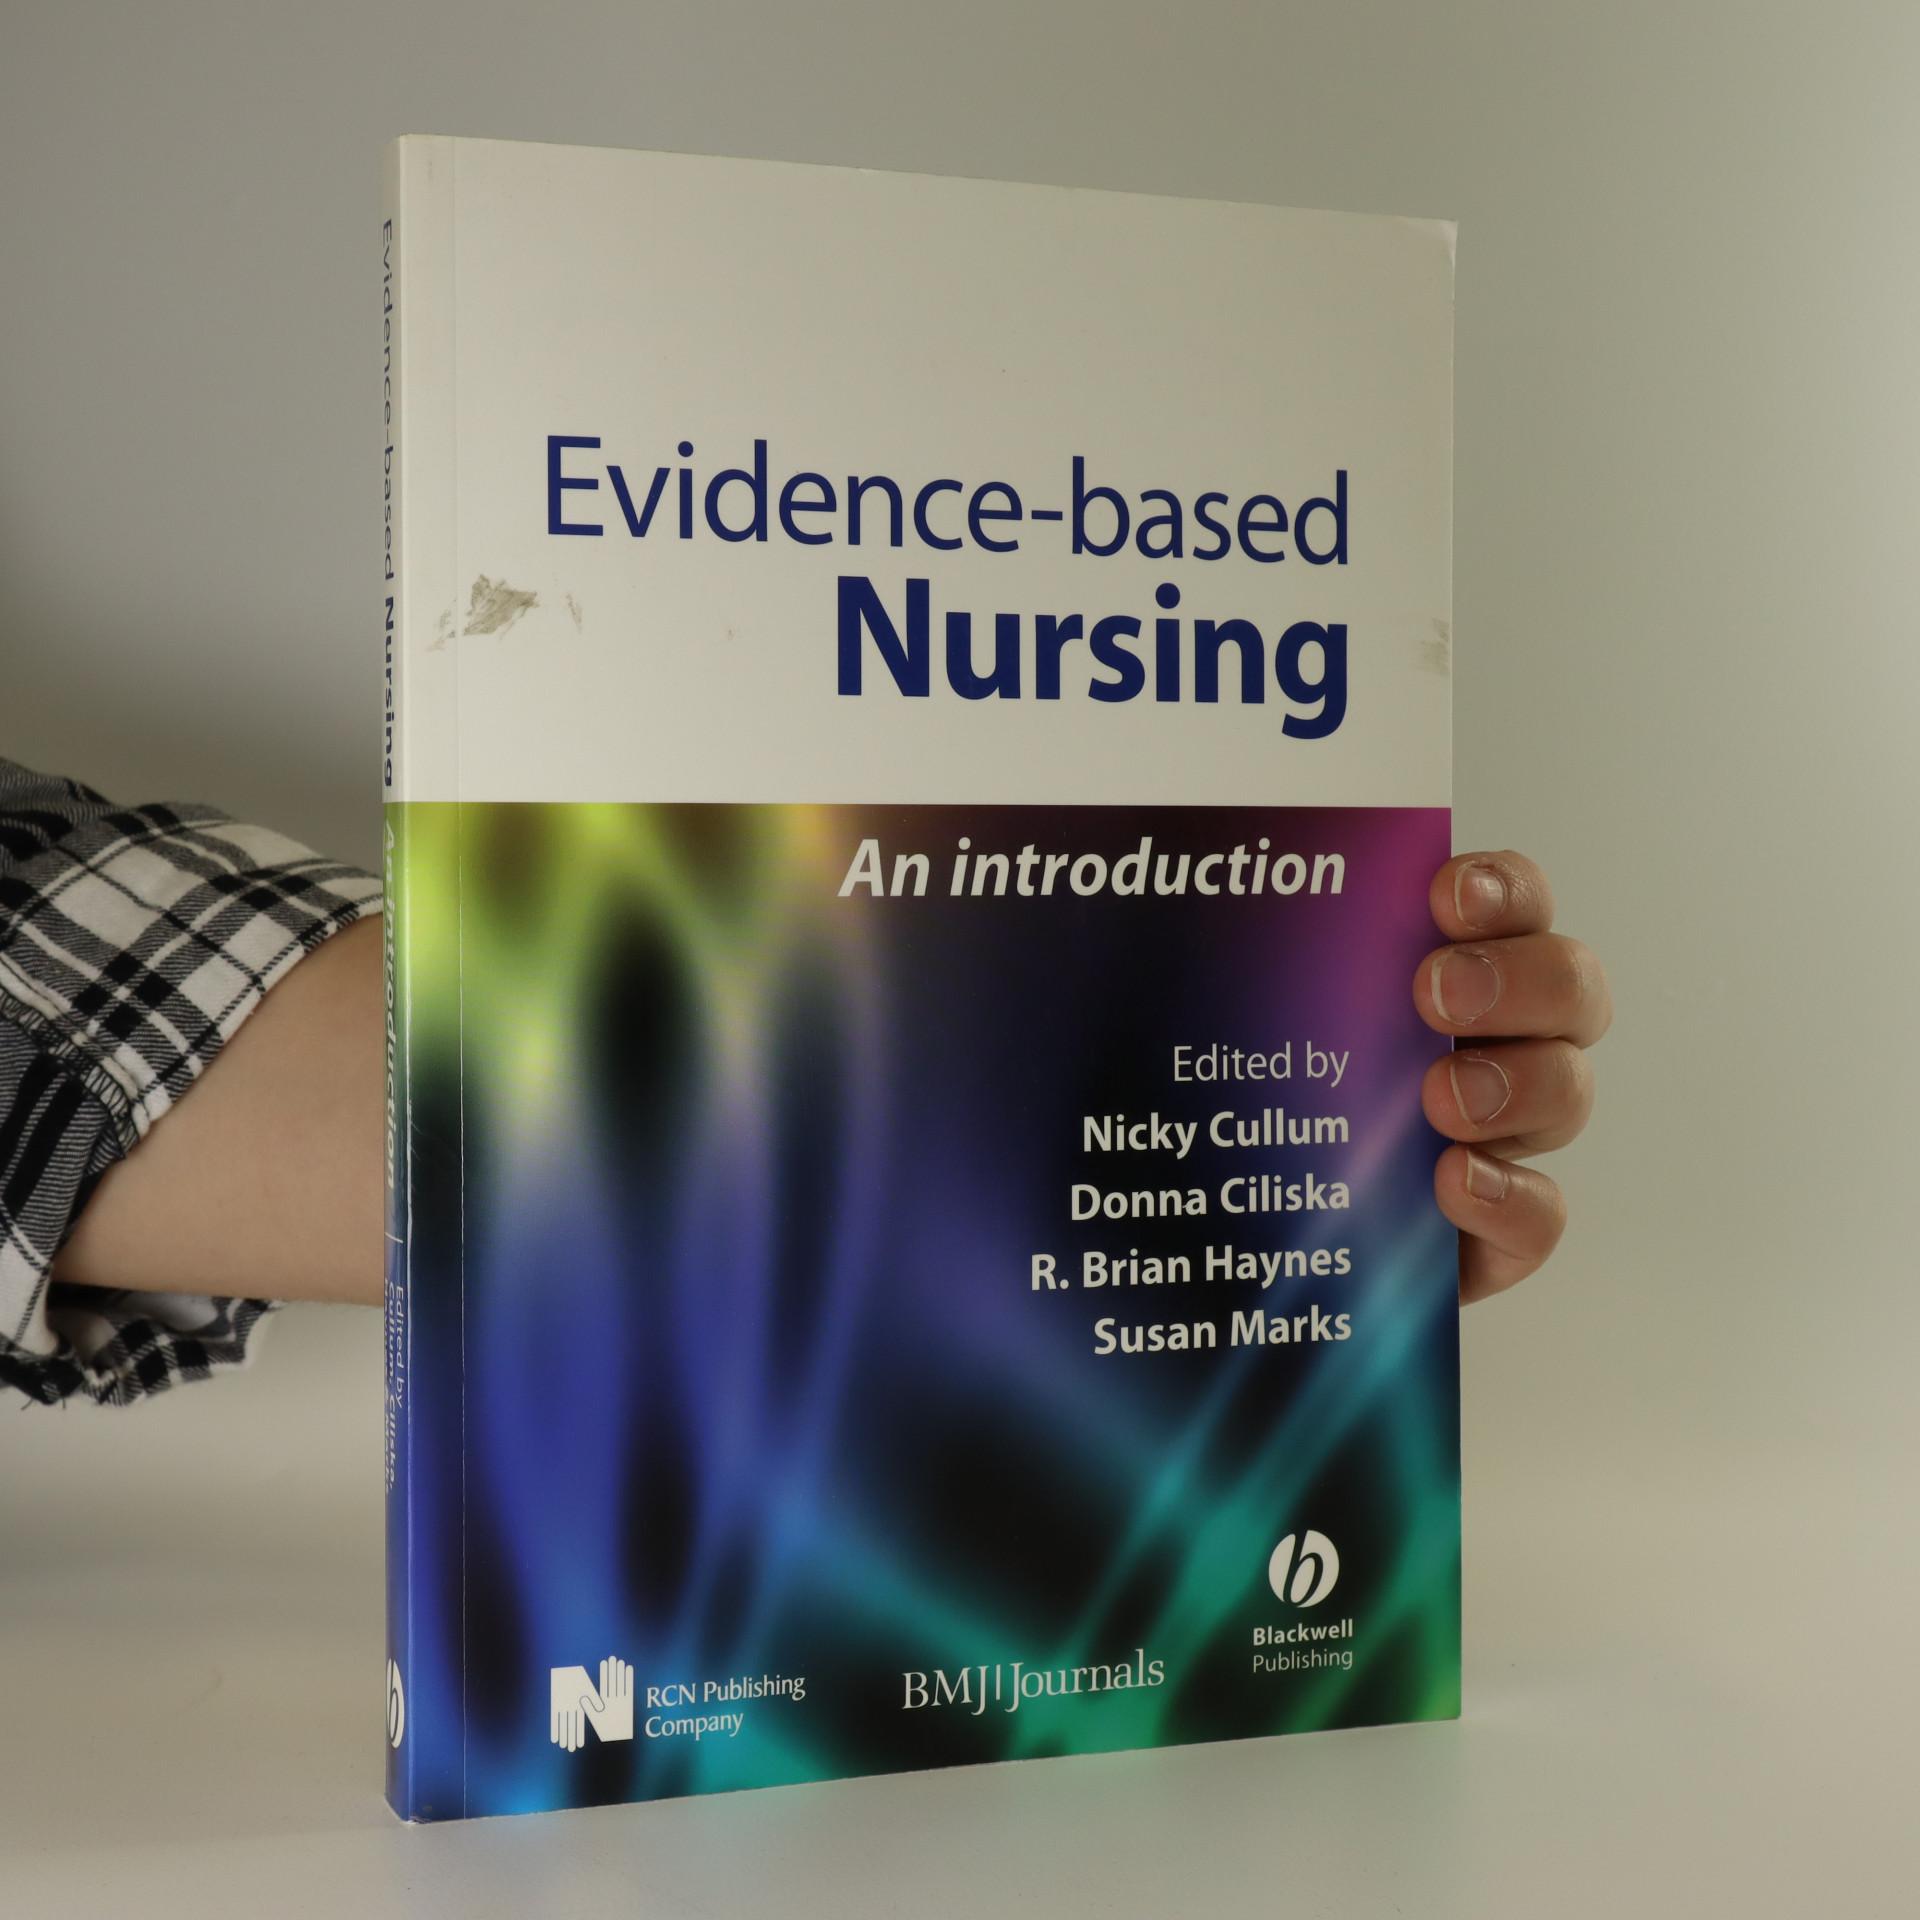 antikvární kniha Evidence-based nursing an introduction, neuveden